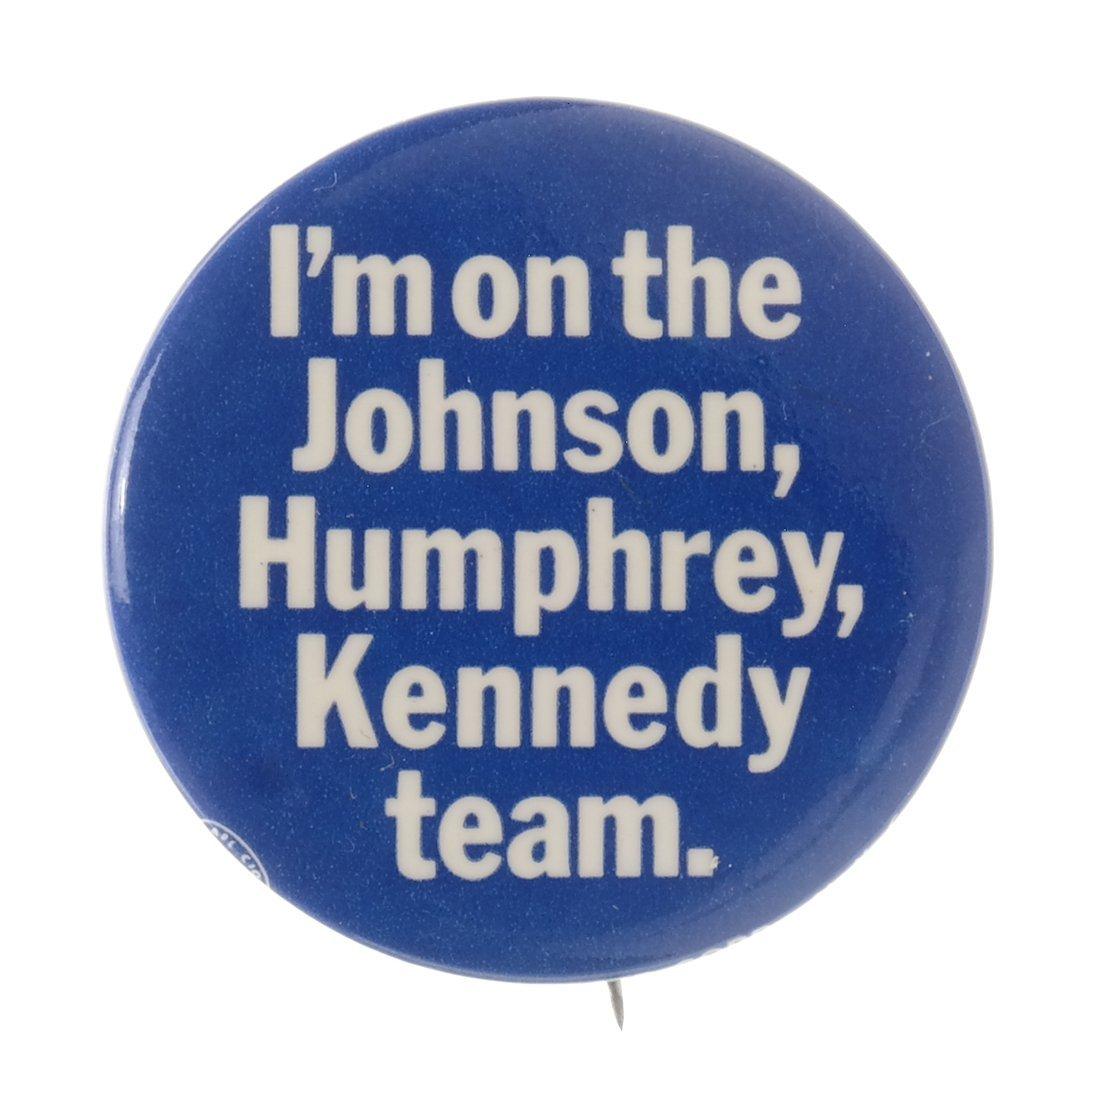 Lyndon. B. Johnson - Five 1964 Celluloids - 6